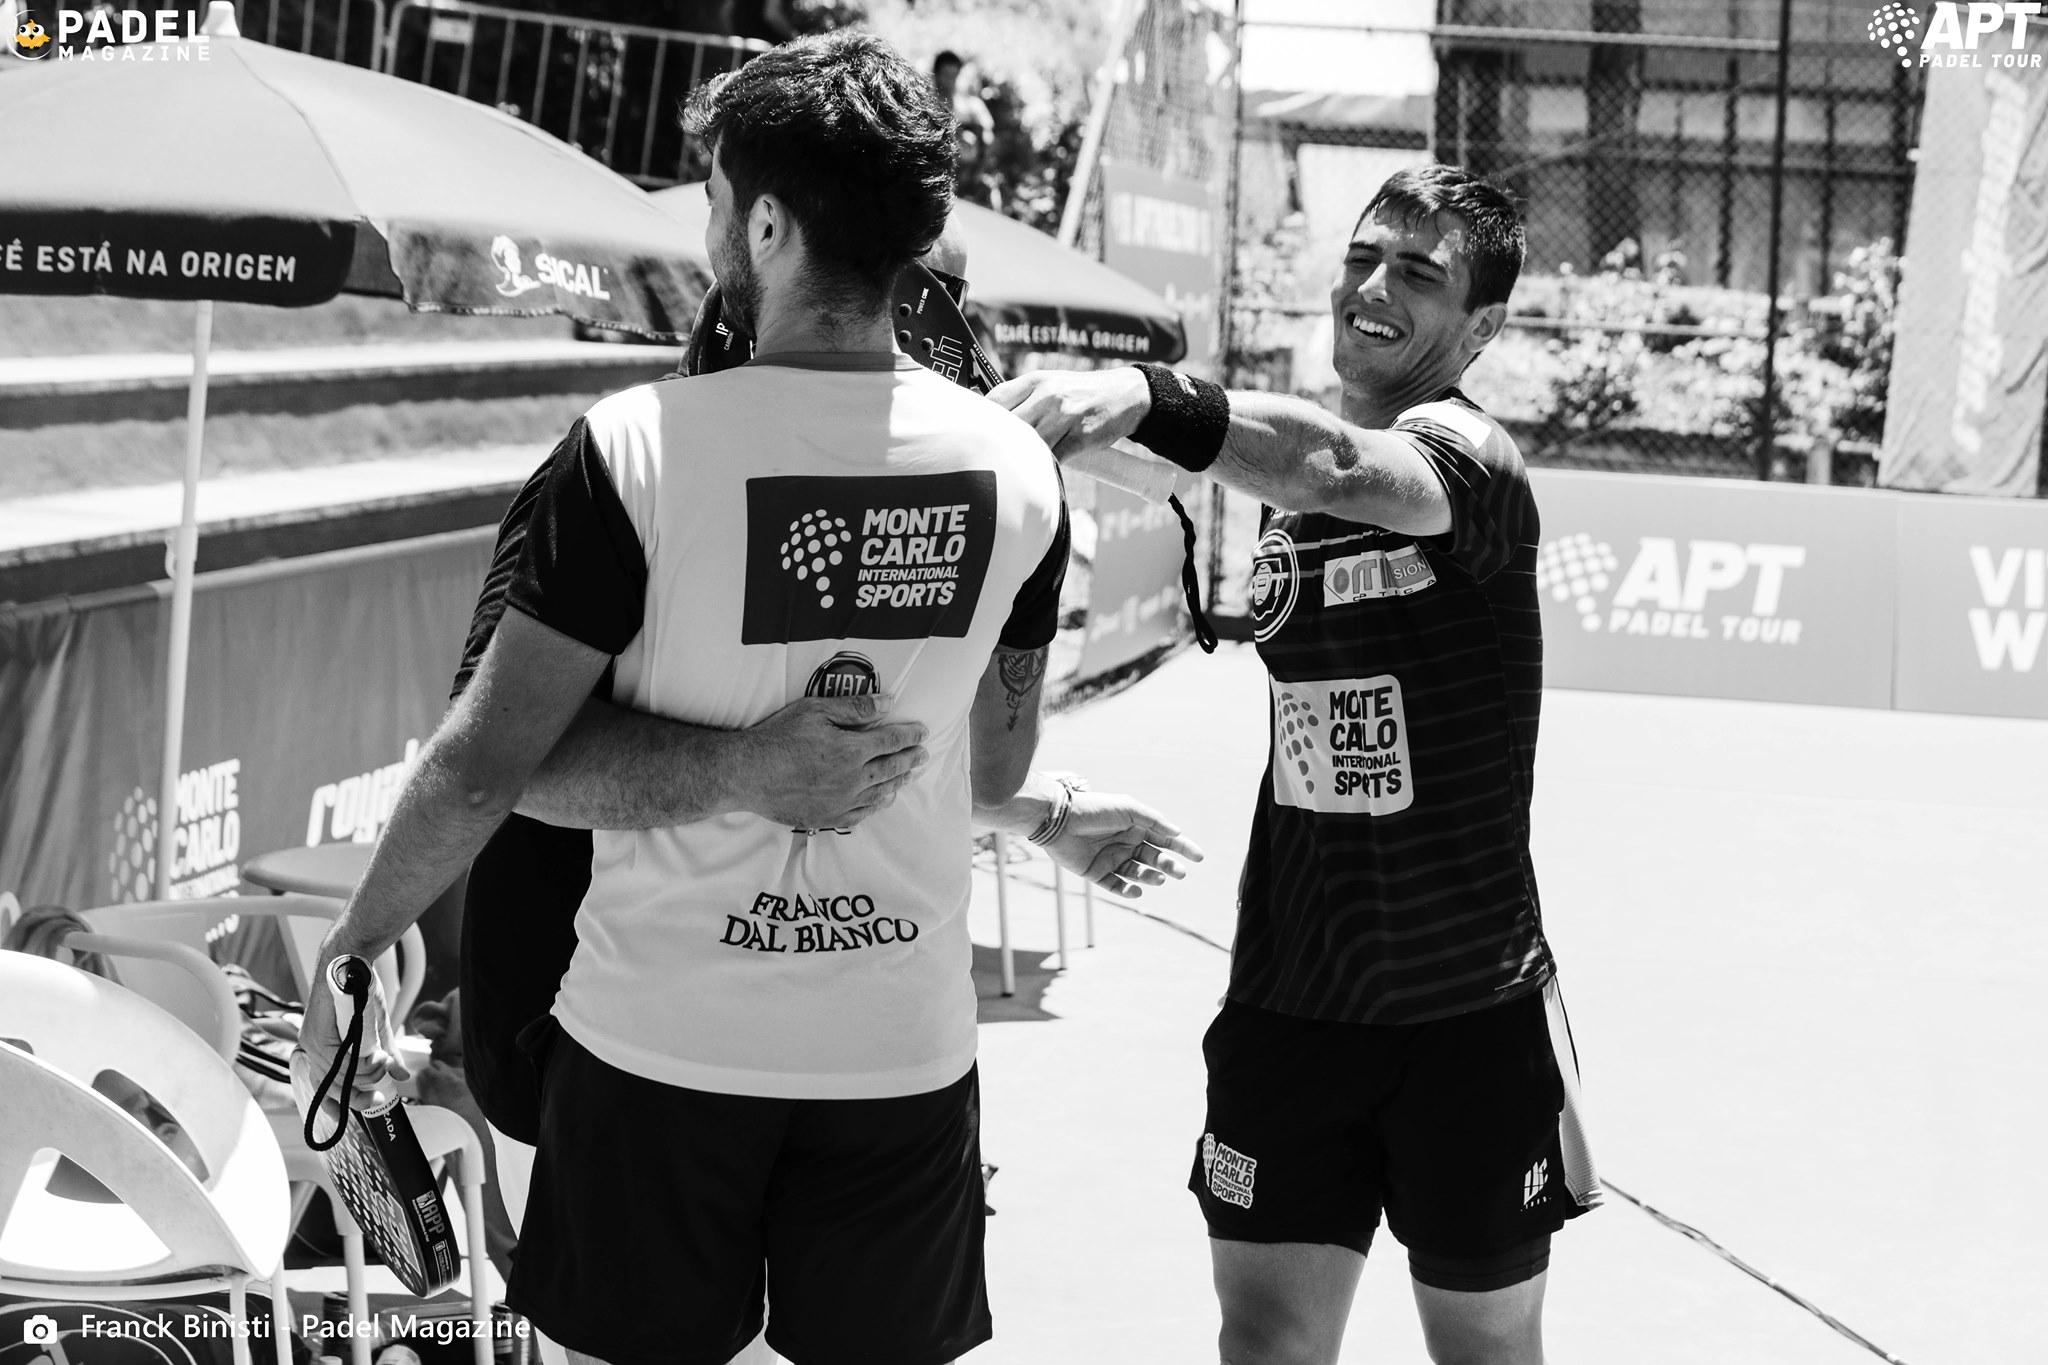 Dal Bianco Arce victoire célébration APT Padel Tour Portugal Master